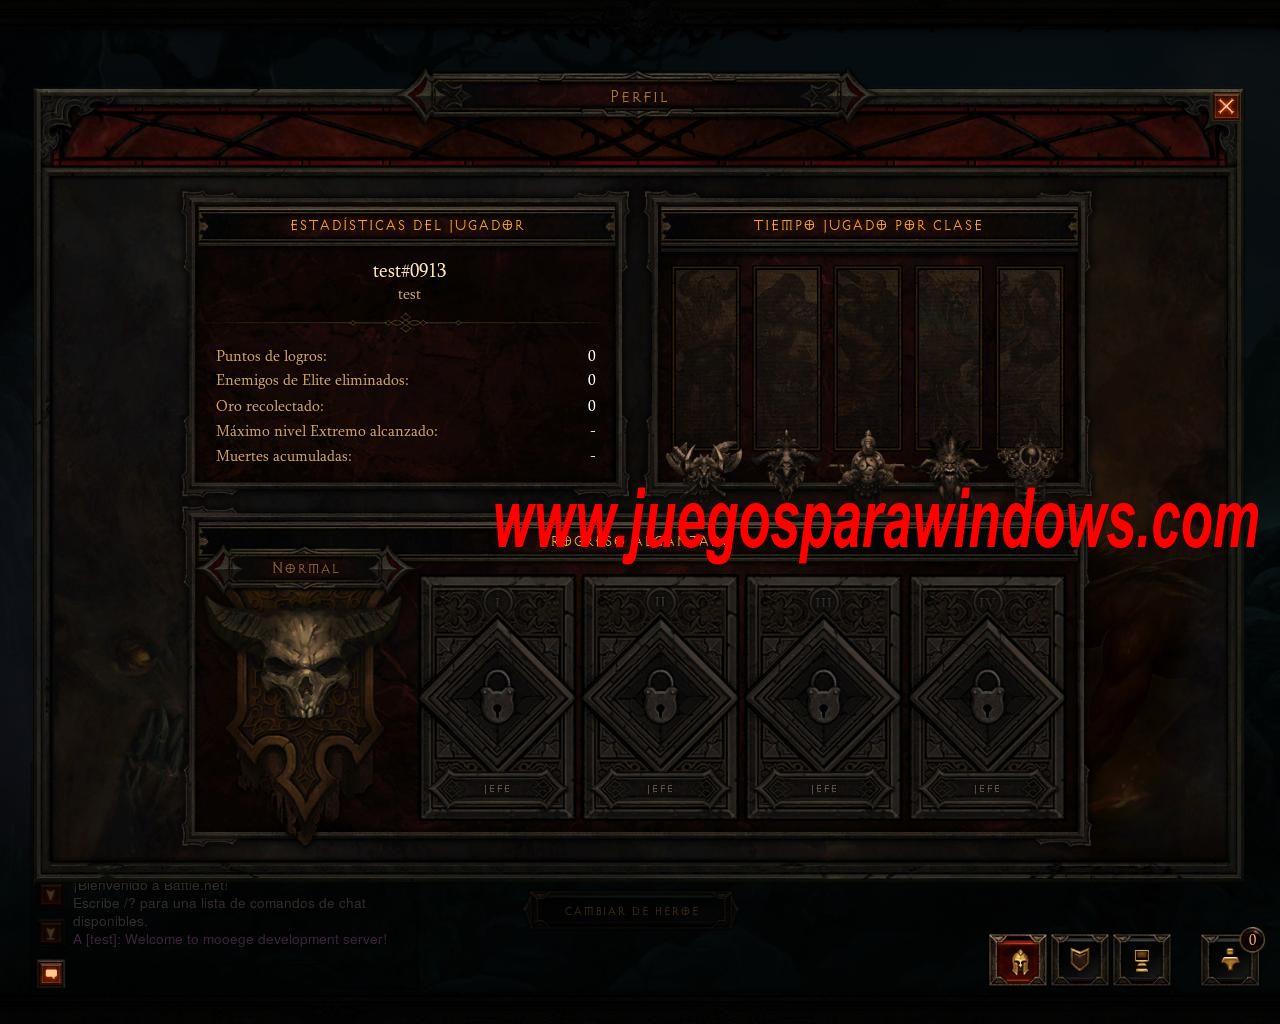 Imagenes Diablo III PC REVOLT Mooege Emulador de Servidor